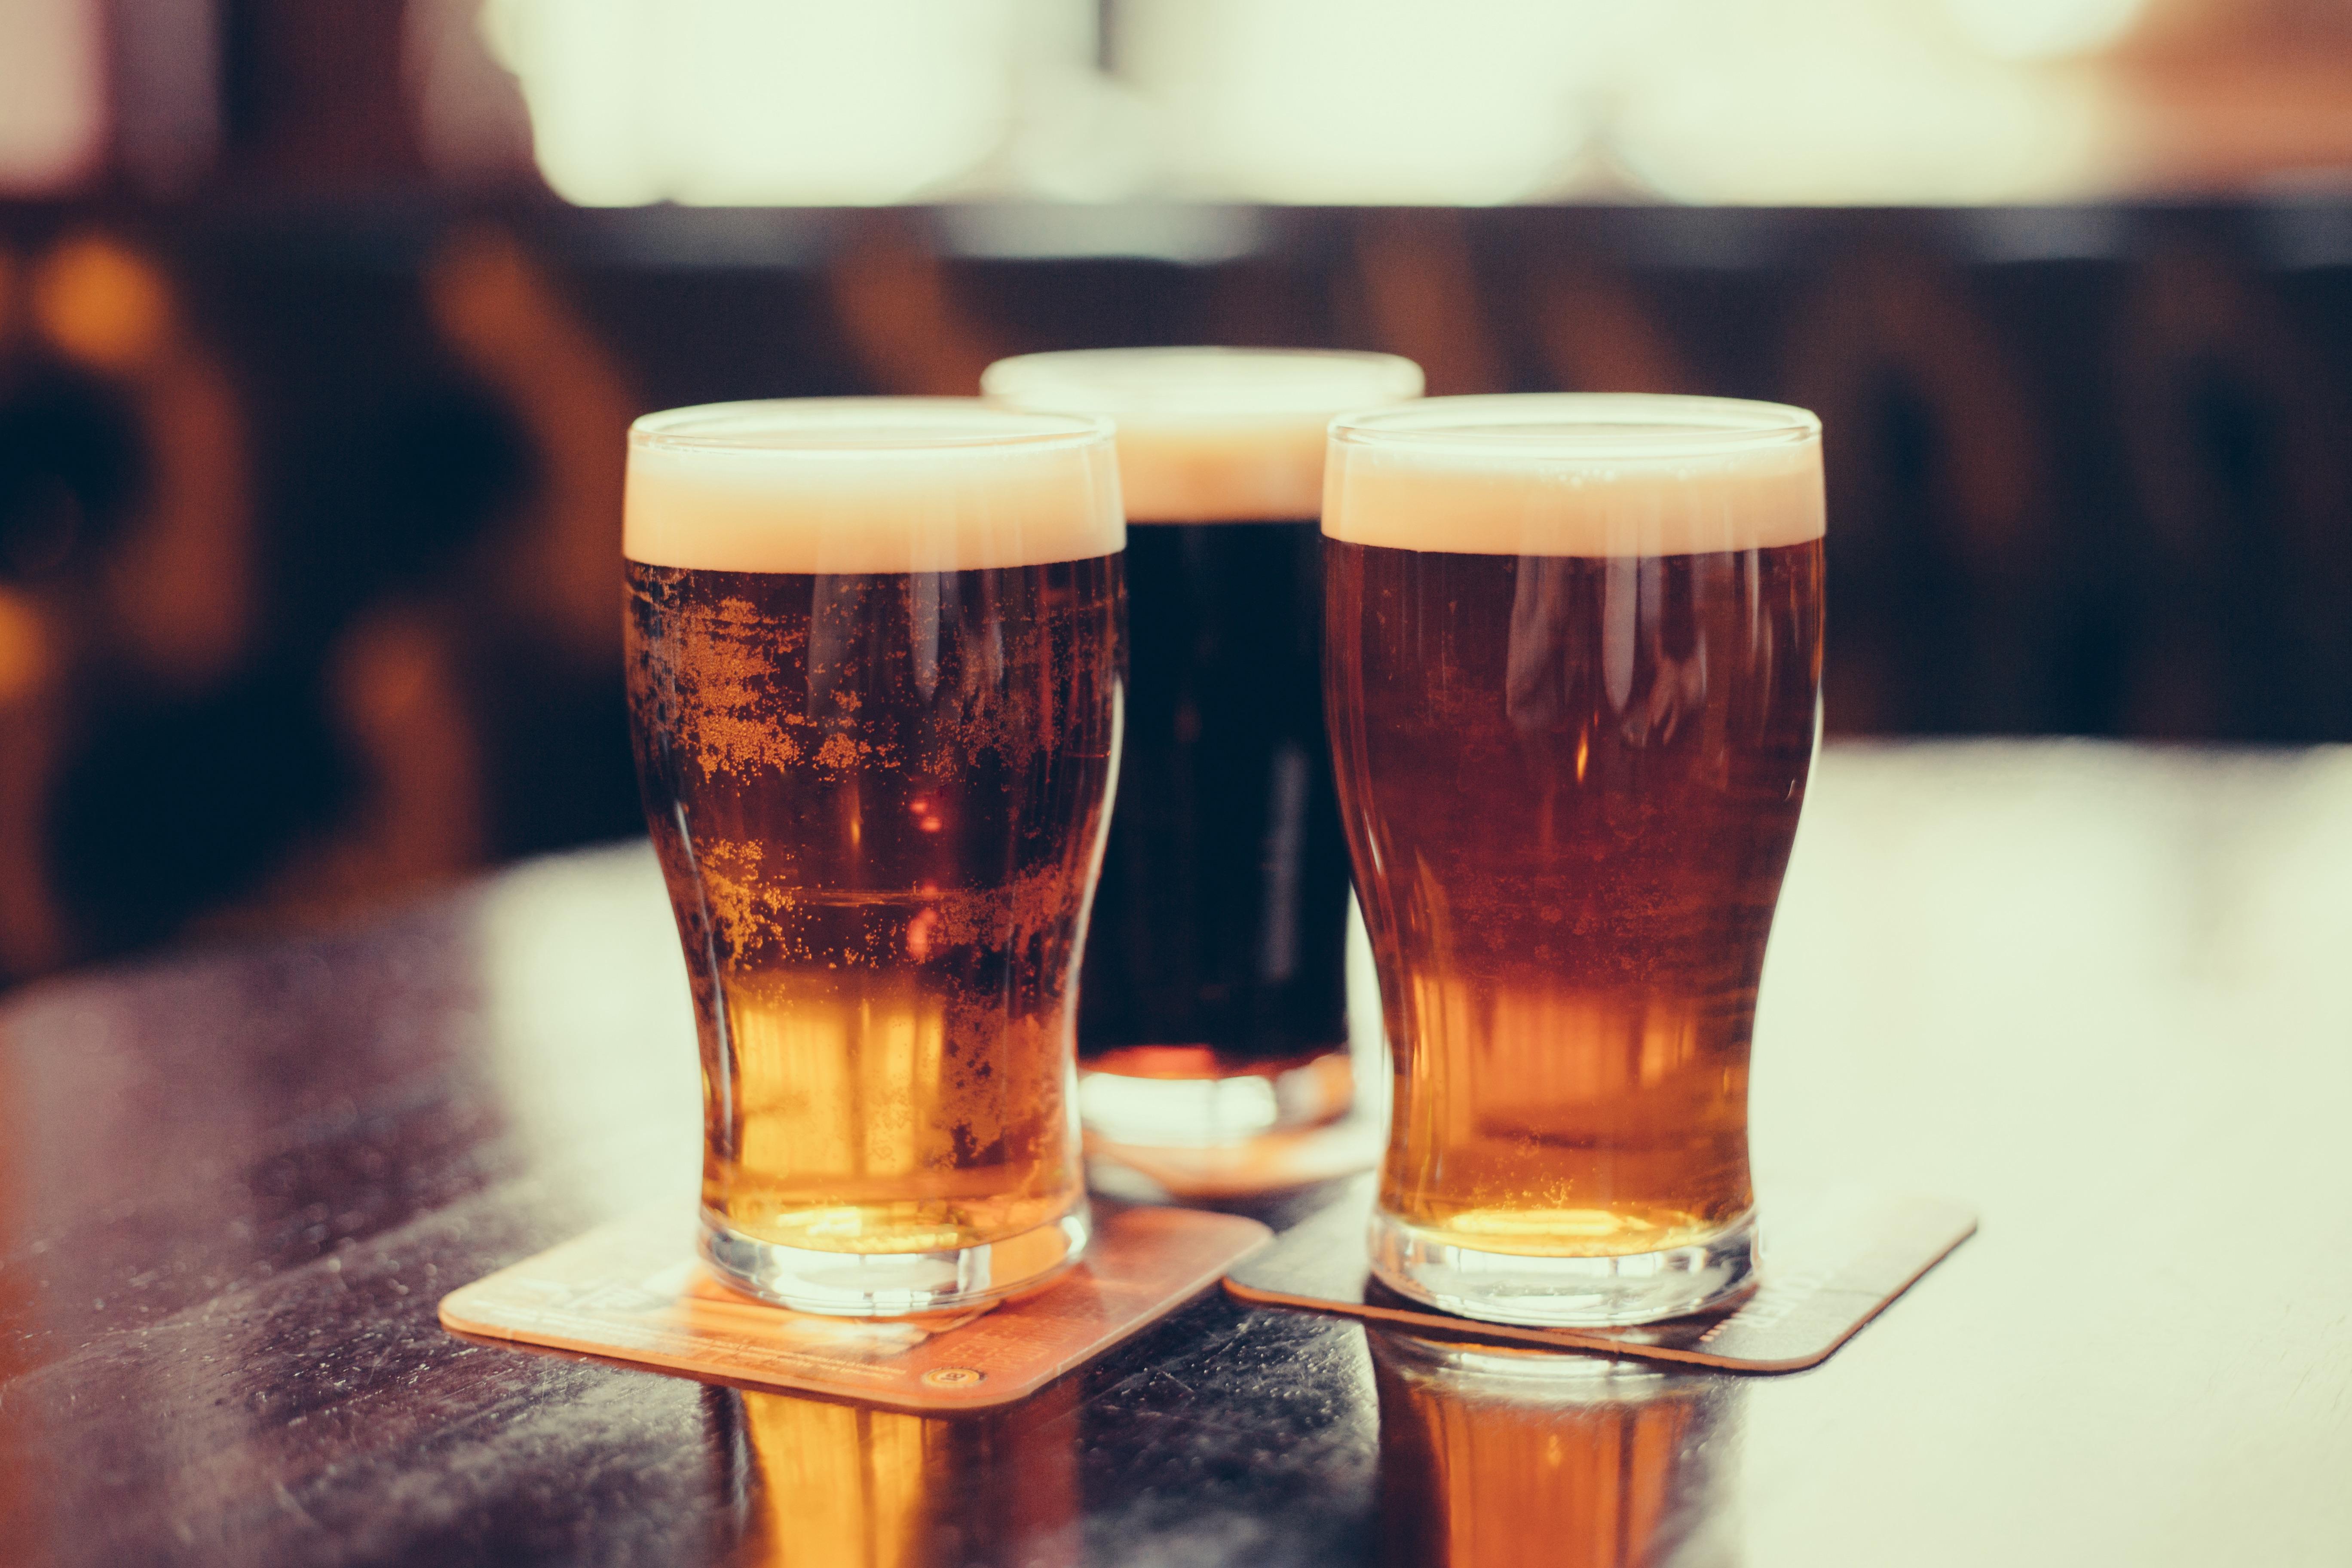 La Historia detrás de Nuestras Cervezas Artesanales